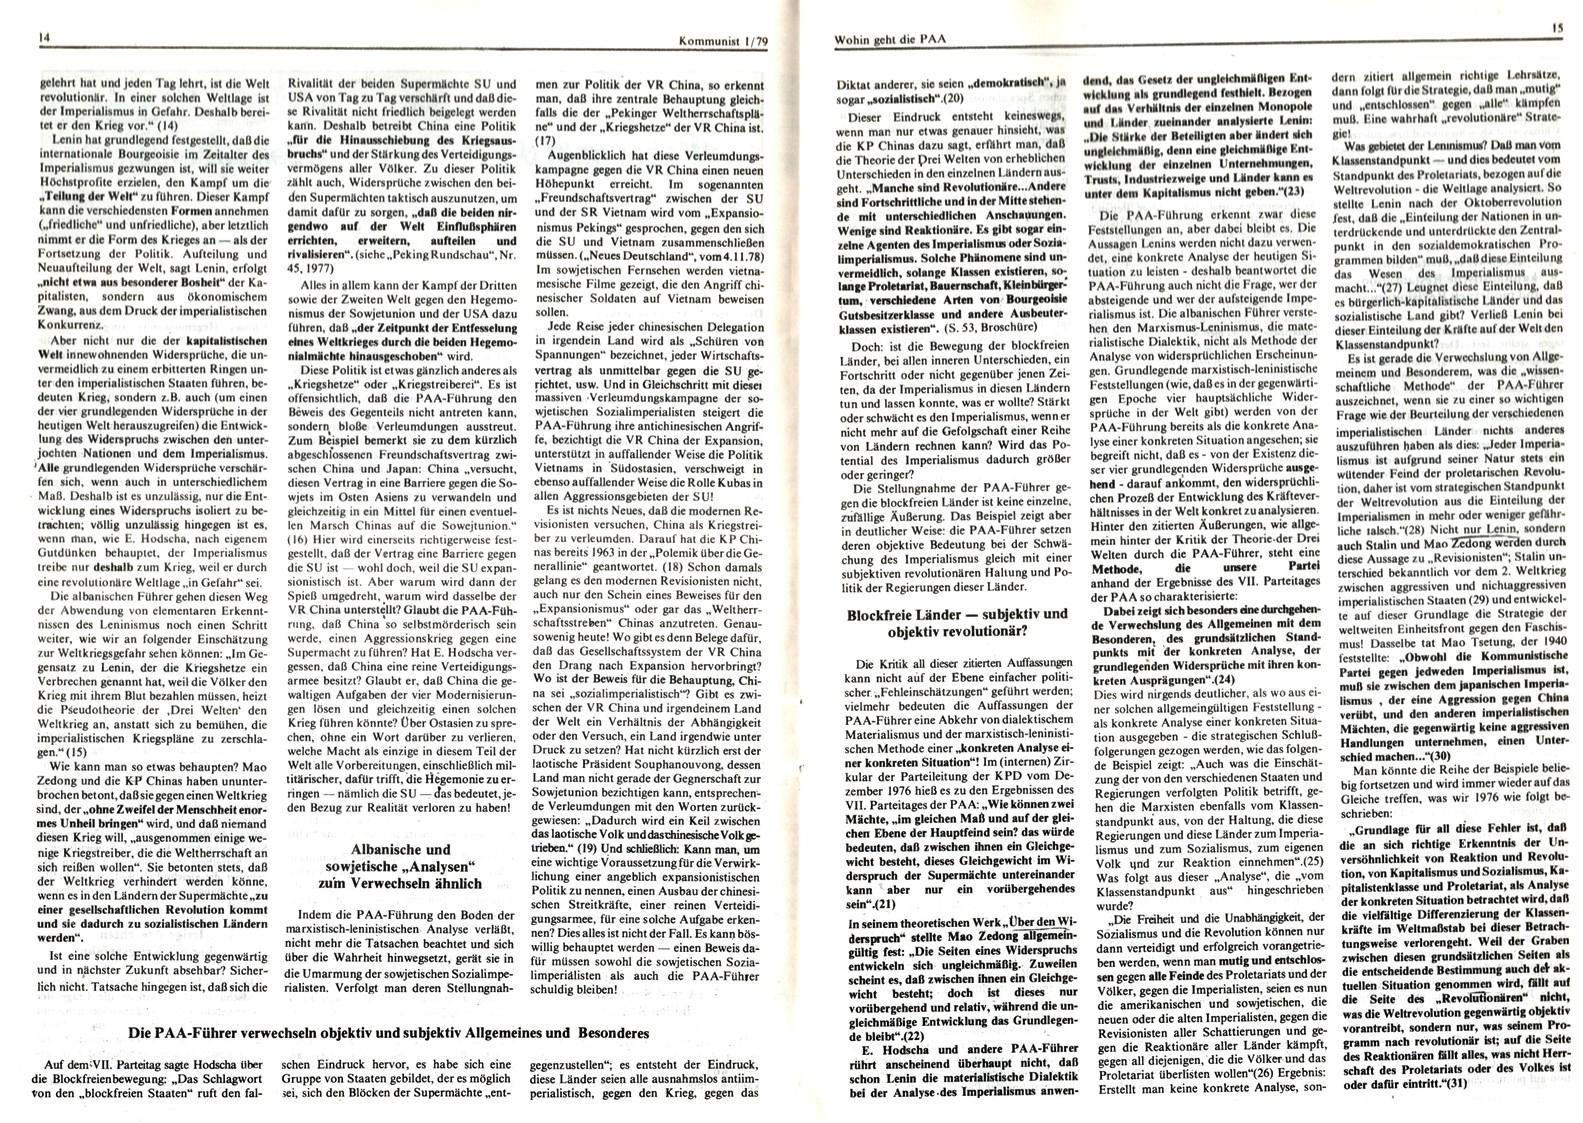 KBOe_TO_Kommunist_19790100_001_009